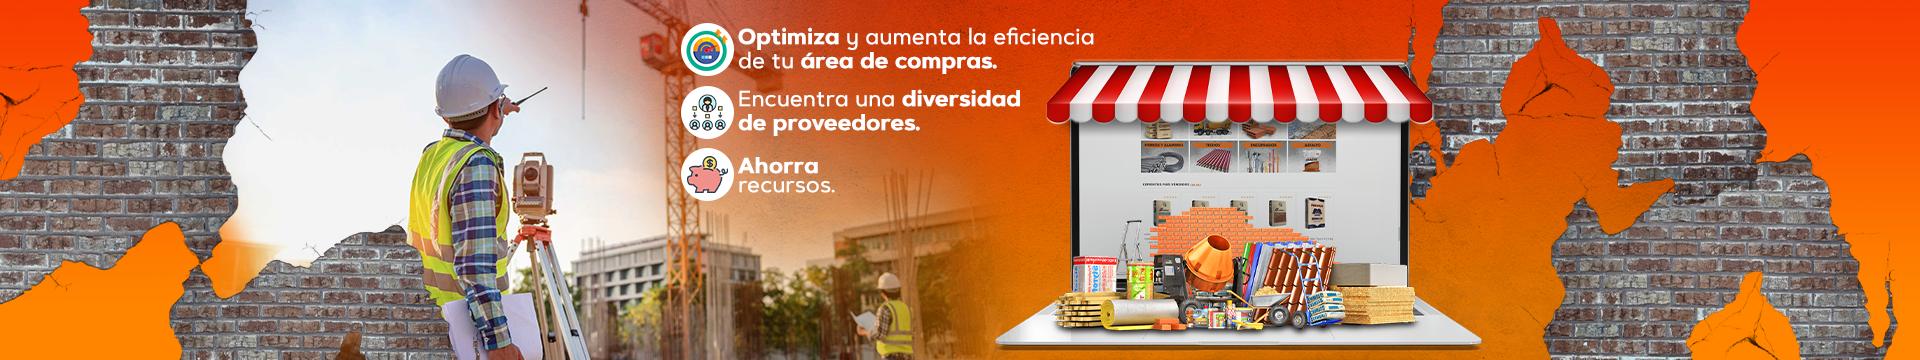 Optimiza y aumenta la eficiencia de tu área de compras, Encuentra una diversidad de proveedores, Ahorra recursos.